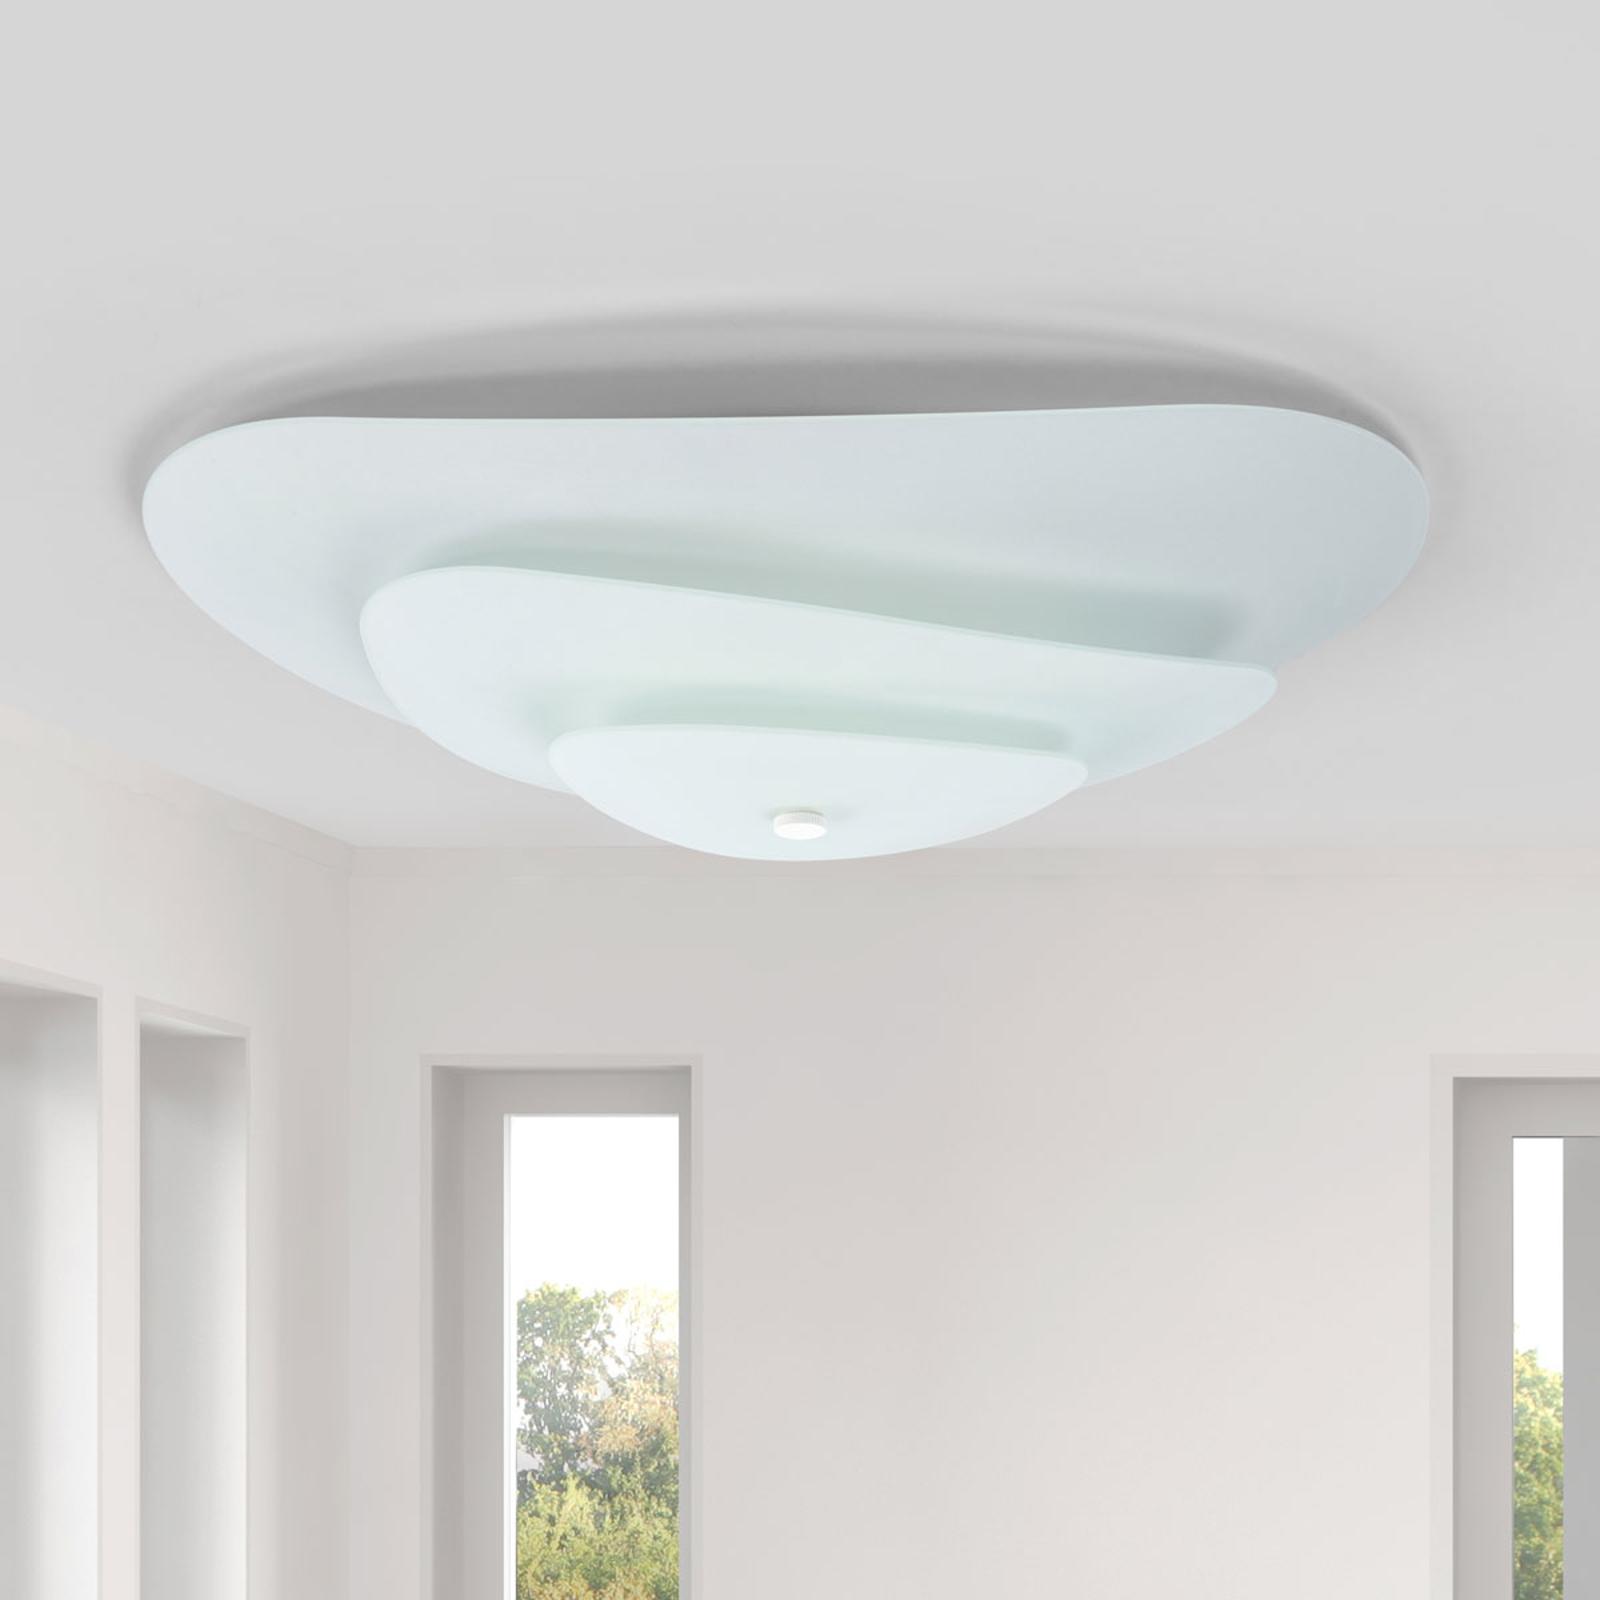 Moledro – en taklampe med tredelt skjerm